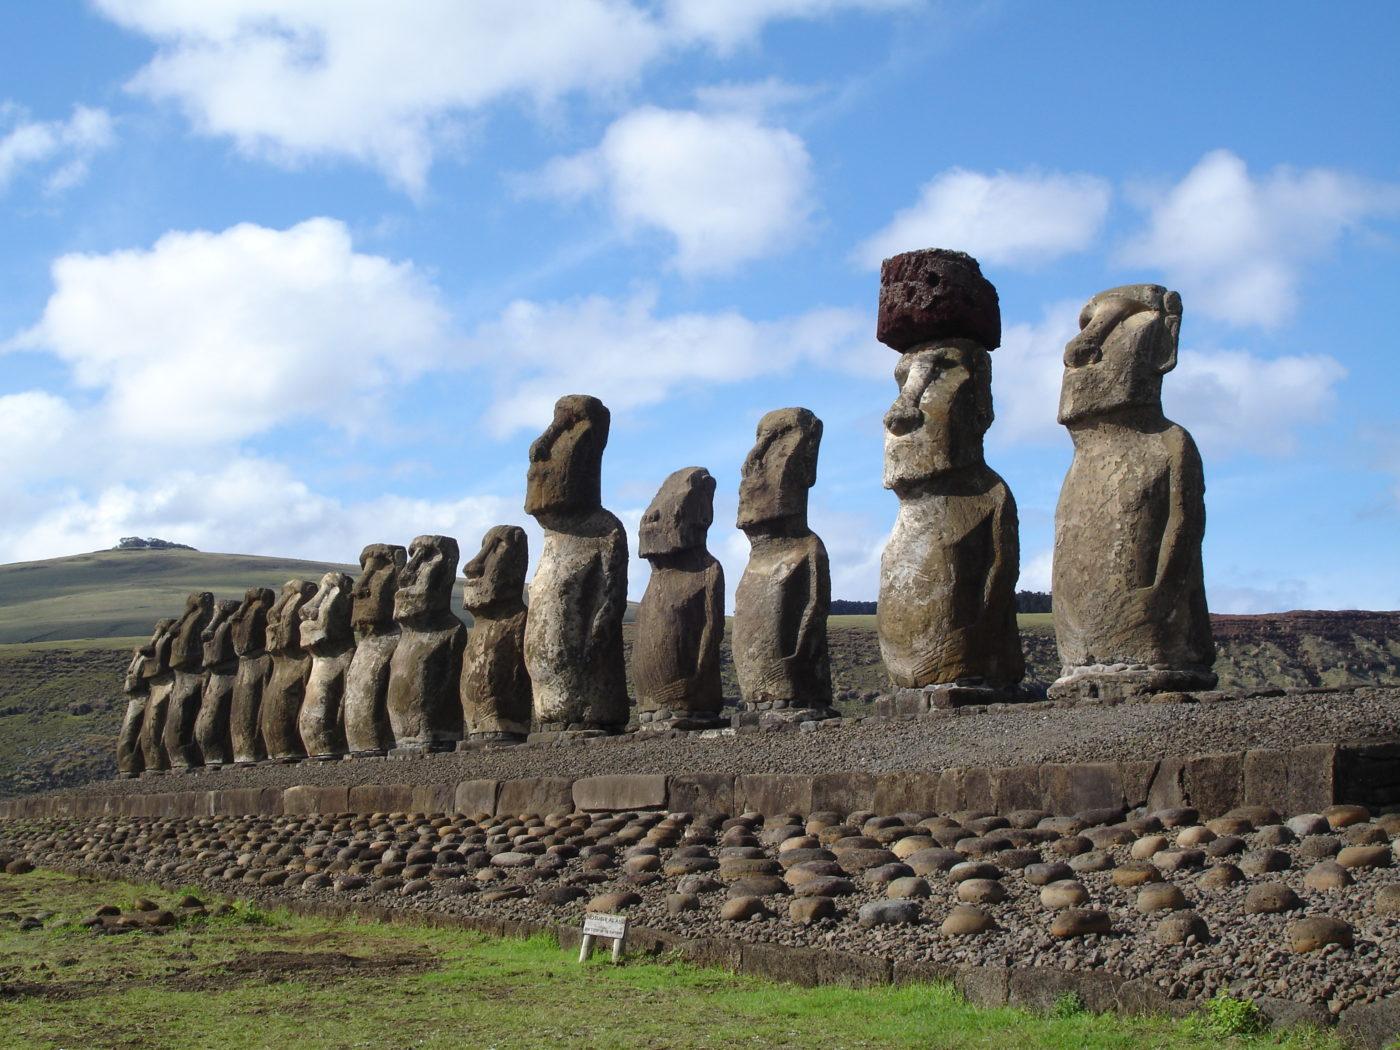 Vízforrások helyét jelölhették a Húsvét-szigetek szoborfejei